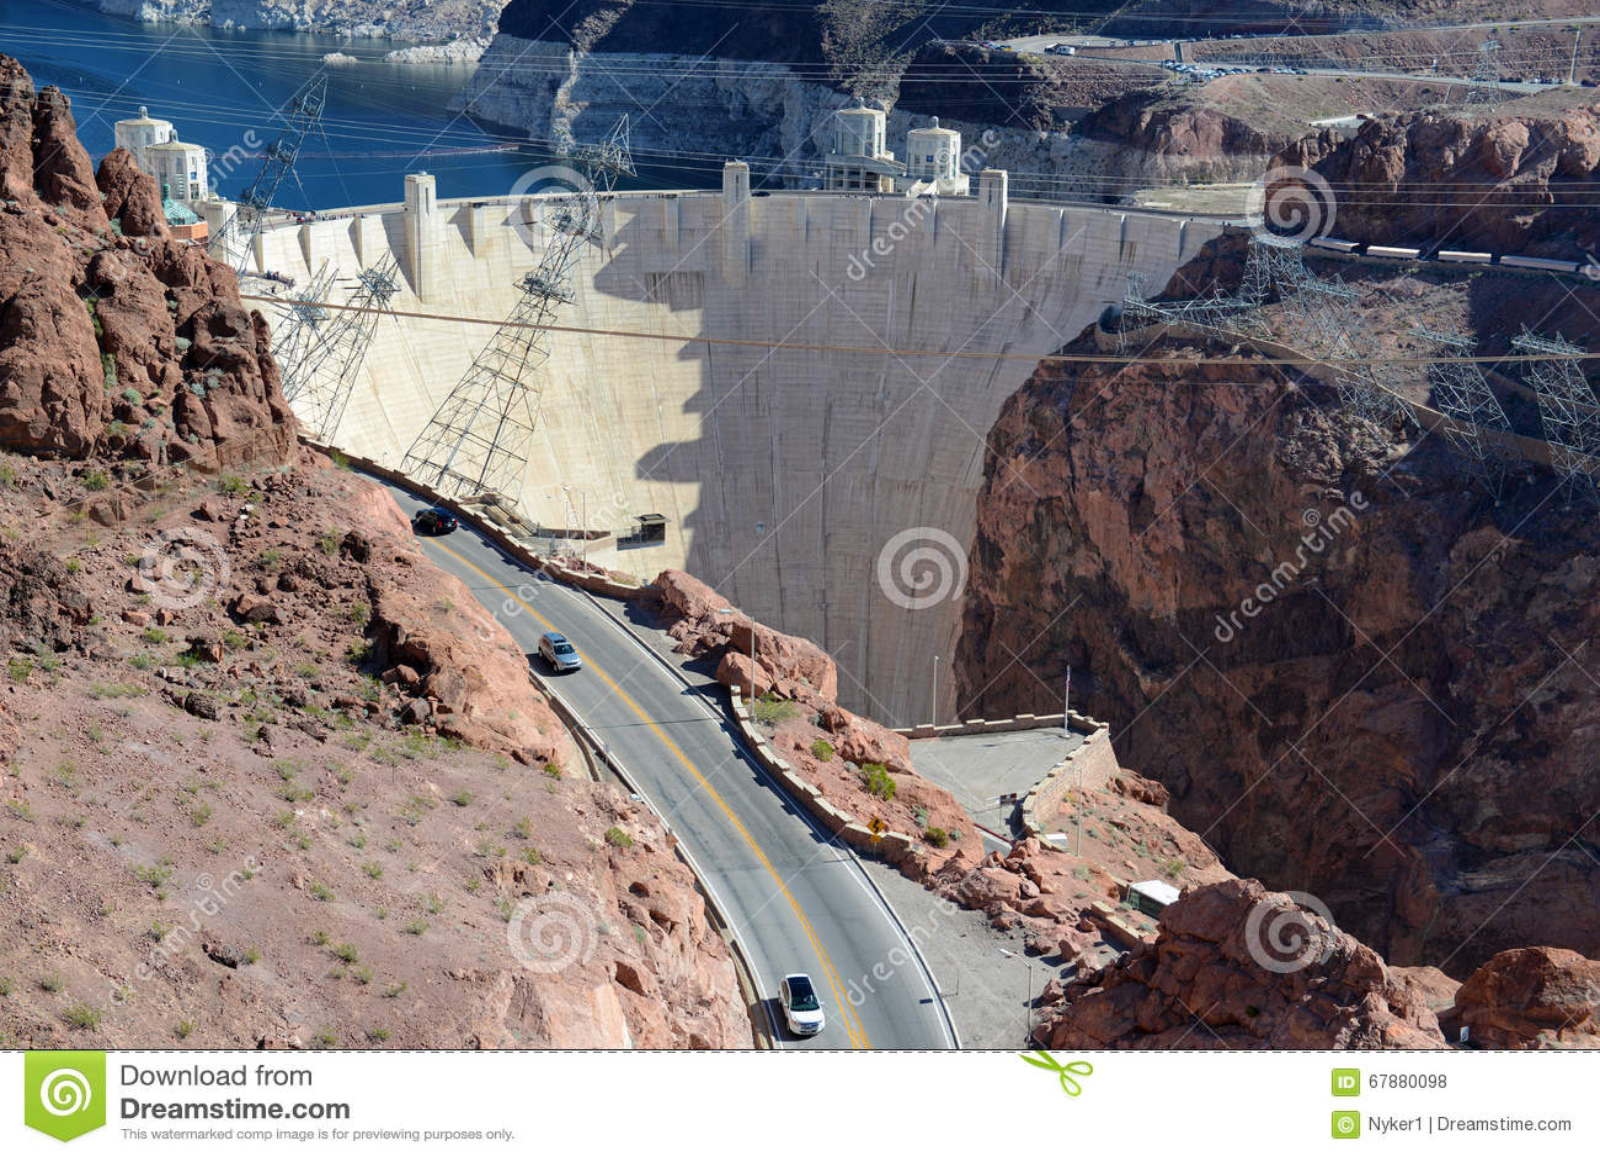 Φράγμα Hoover, ένα ογκώδες υδροηλεκτρικό ορόσημο εφαρμοσμένης μηχανικής που βρίσκεται στα σύνορα της Νεβάδας και της Αριζόνα